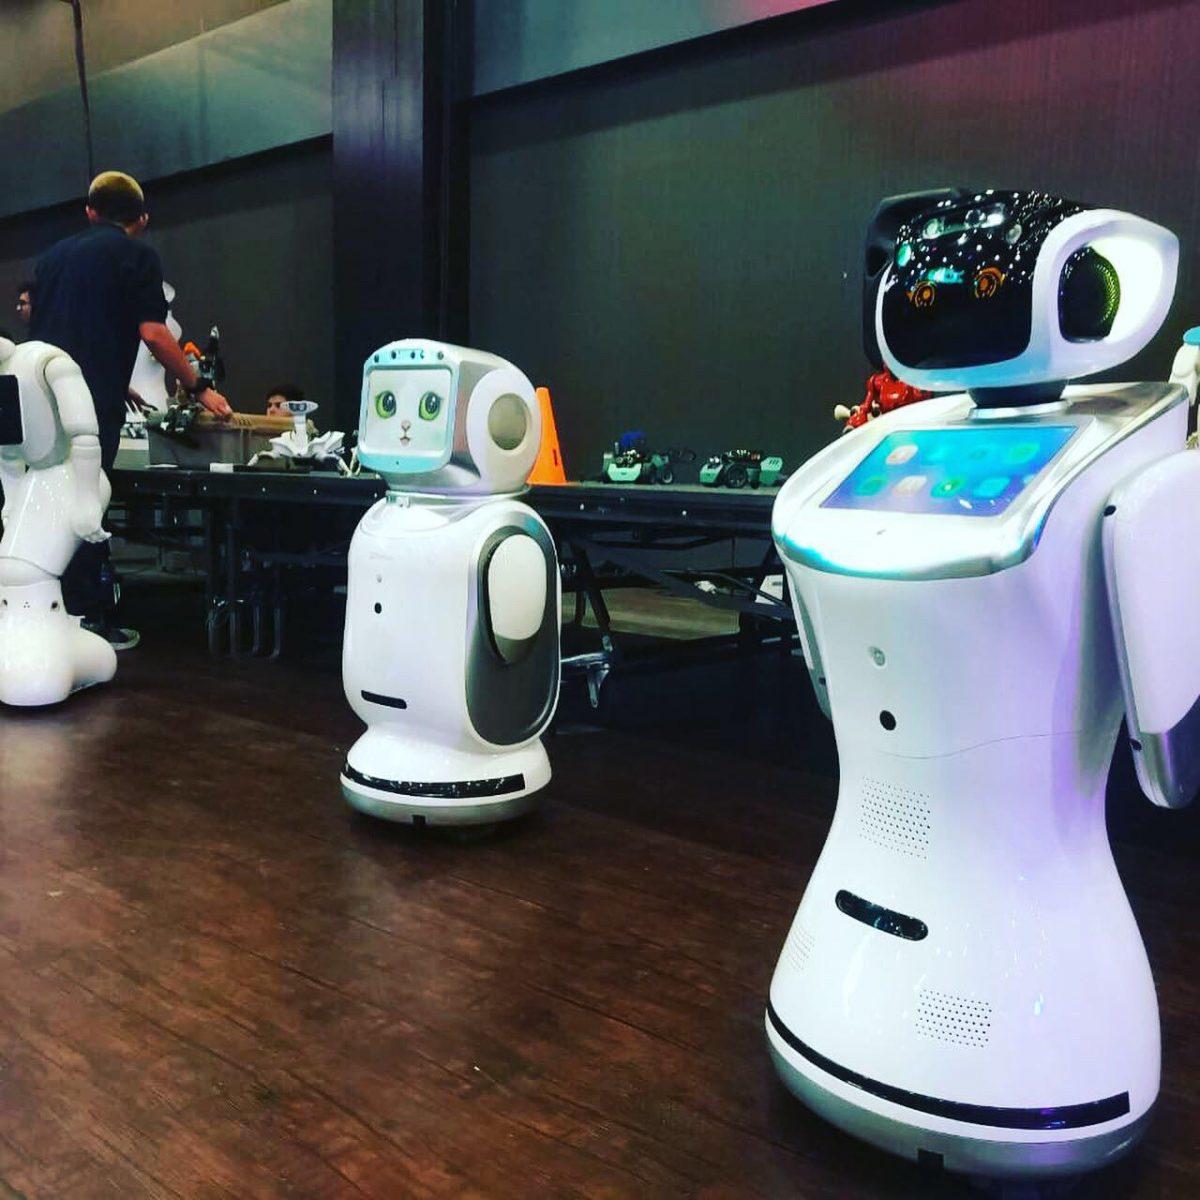 (Español) Departamento de Ingeniería Industrial participa del Festival del Robot 2019